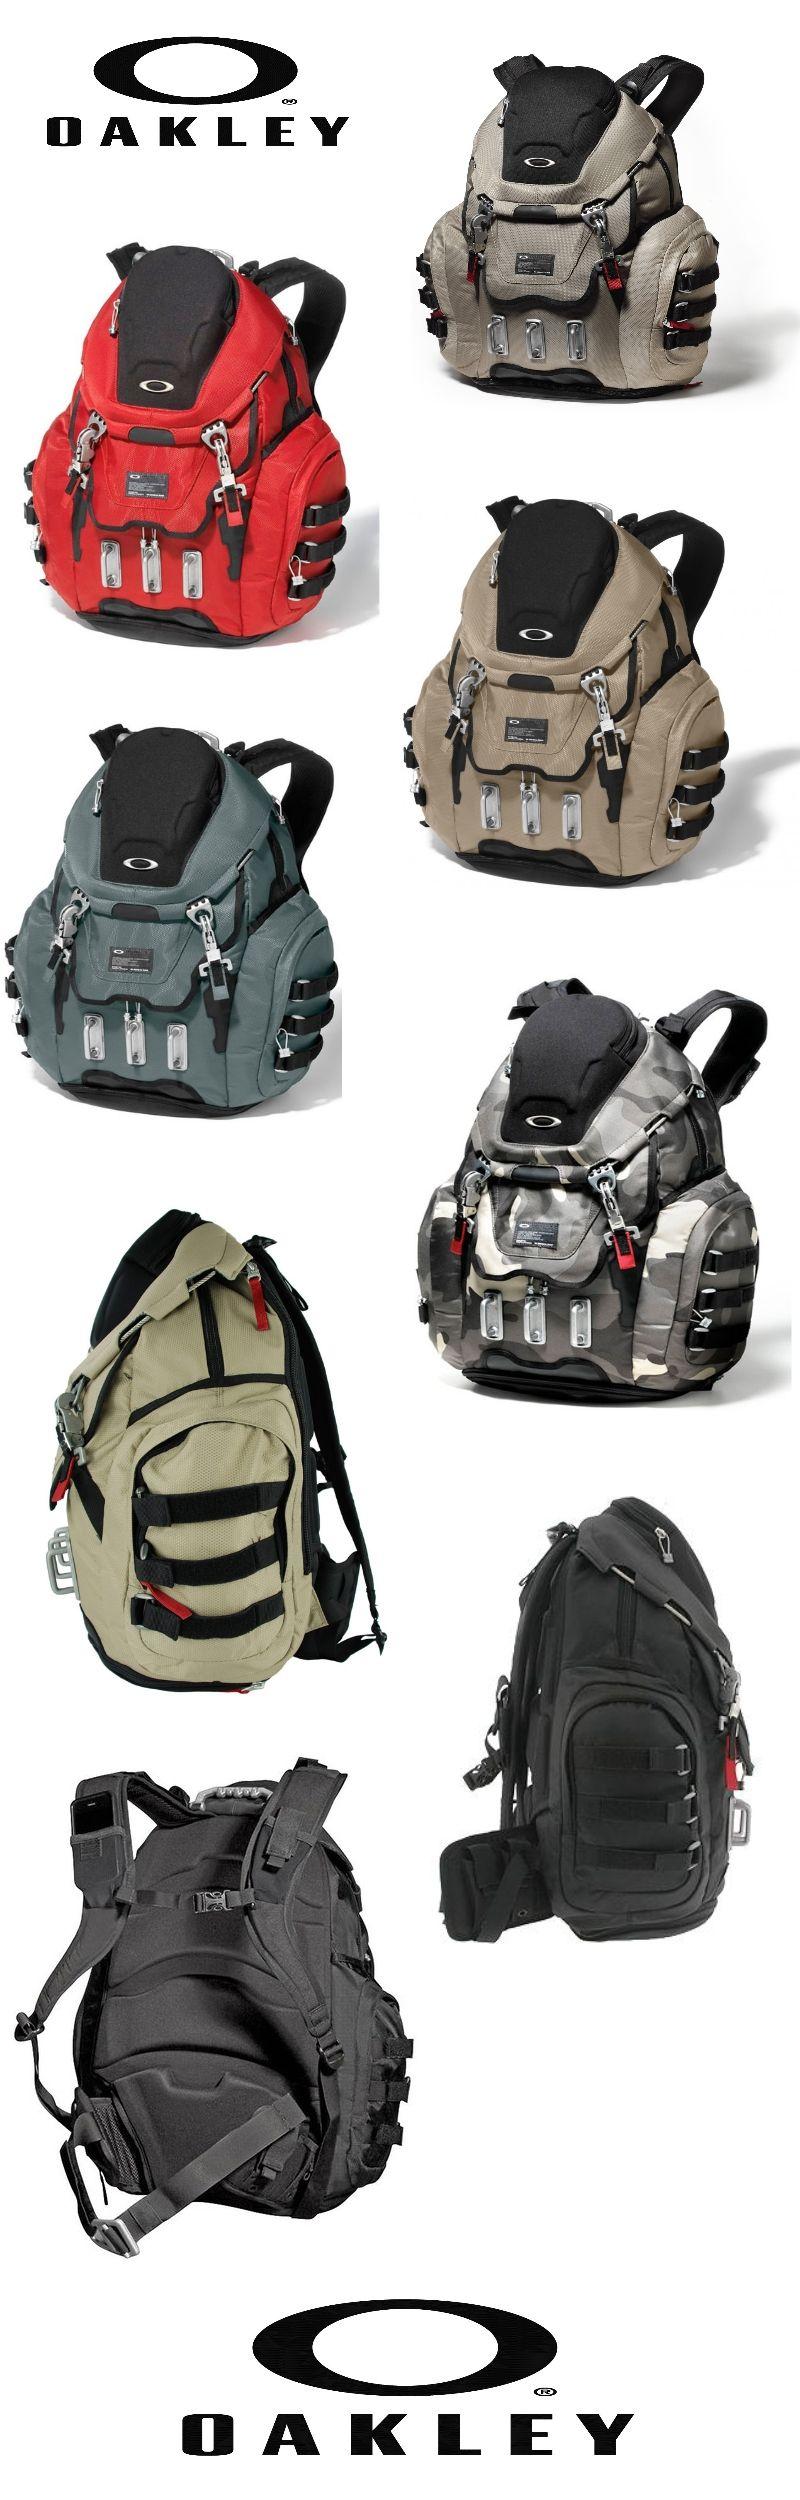 oakley kitchen sink backpack | official oakley store | wants